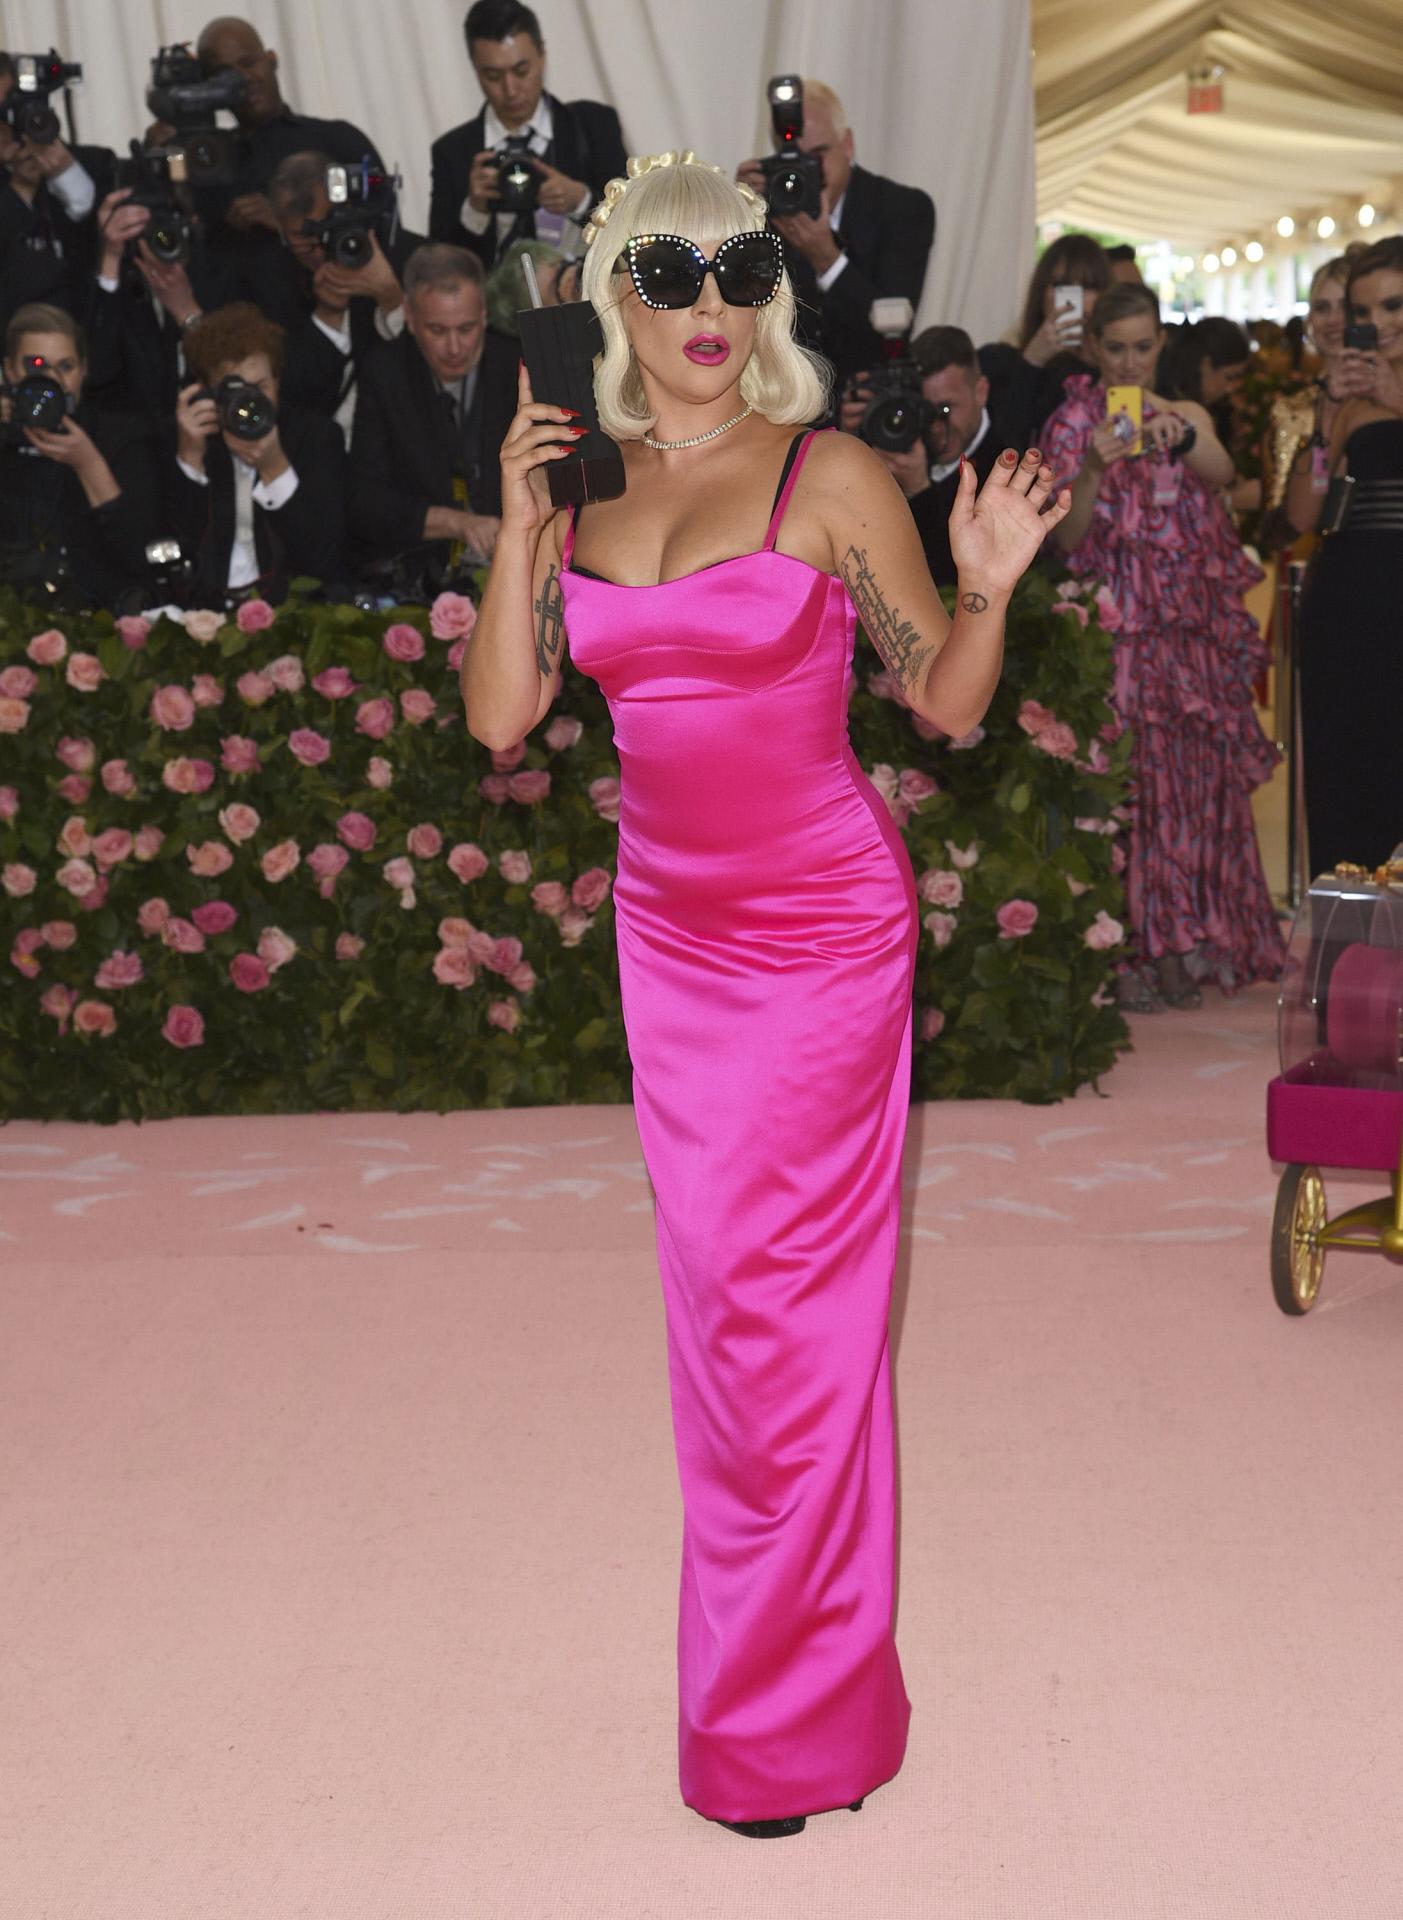 El tercer vestido de Lady Gaga: un ceñido diseño en fucsia con gafas...